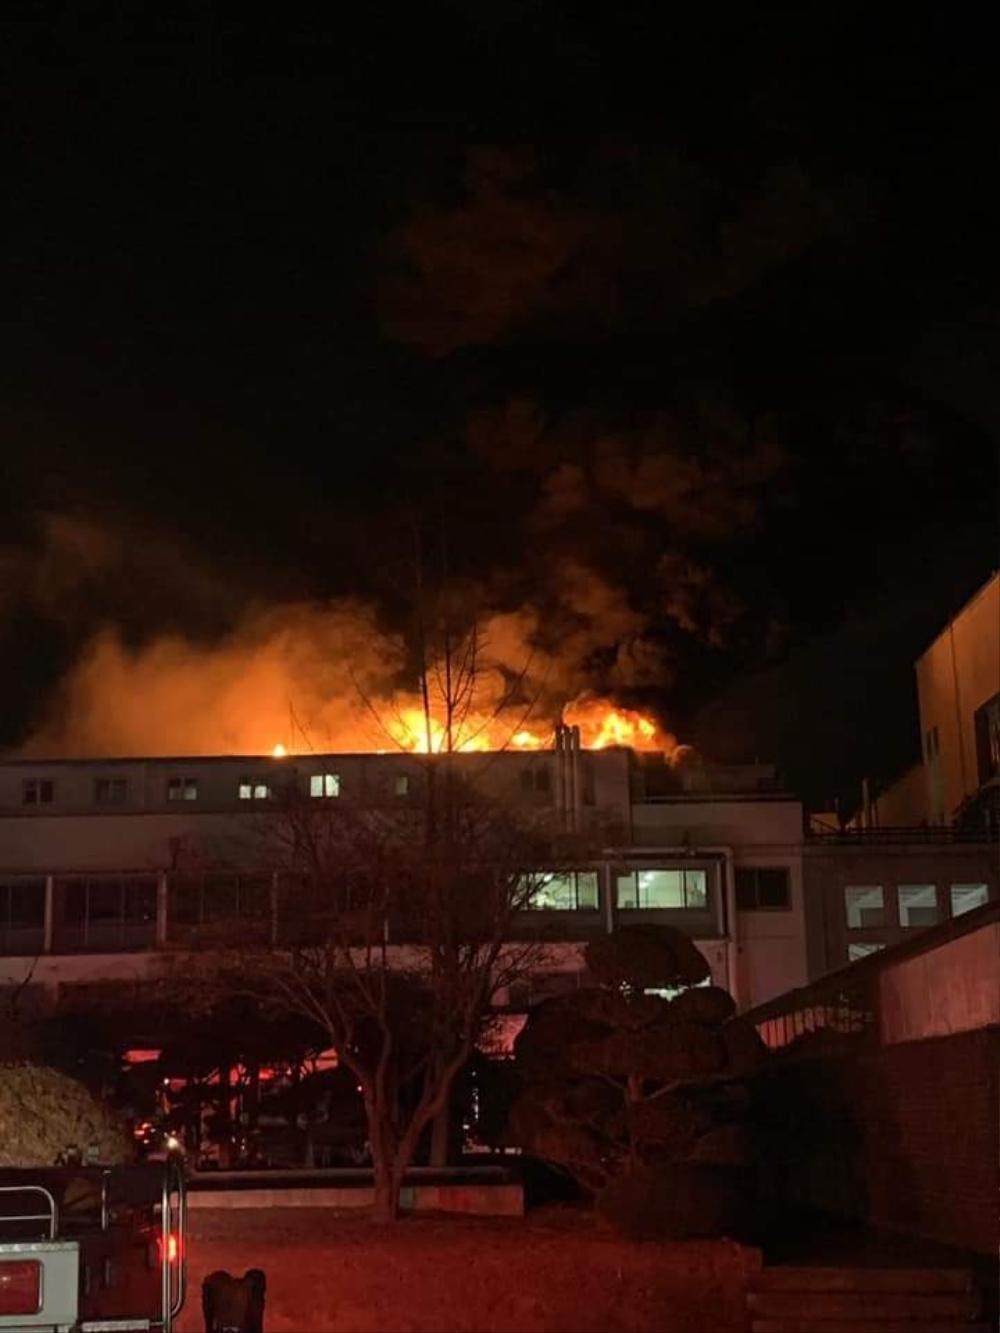 Trường Đại học Hàn Quốc cháy lớn ngay đêm Giao thừa 2021: Hơn 70 lính cứu hỏa đến dập lửa! Ảnh 5